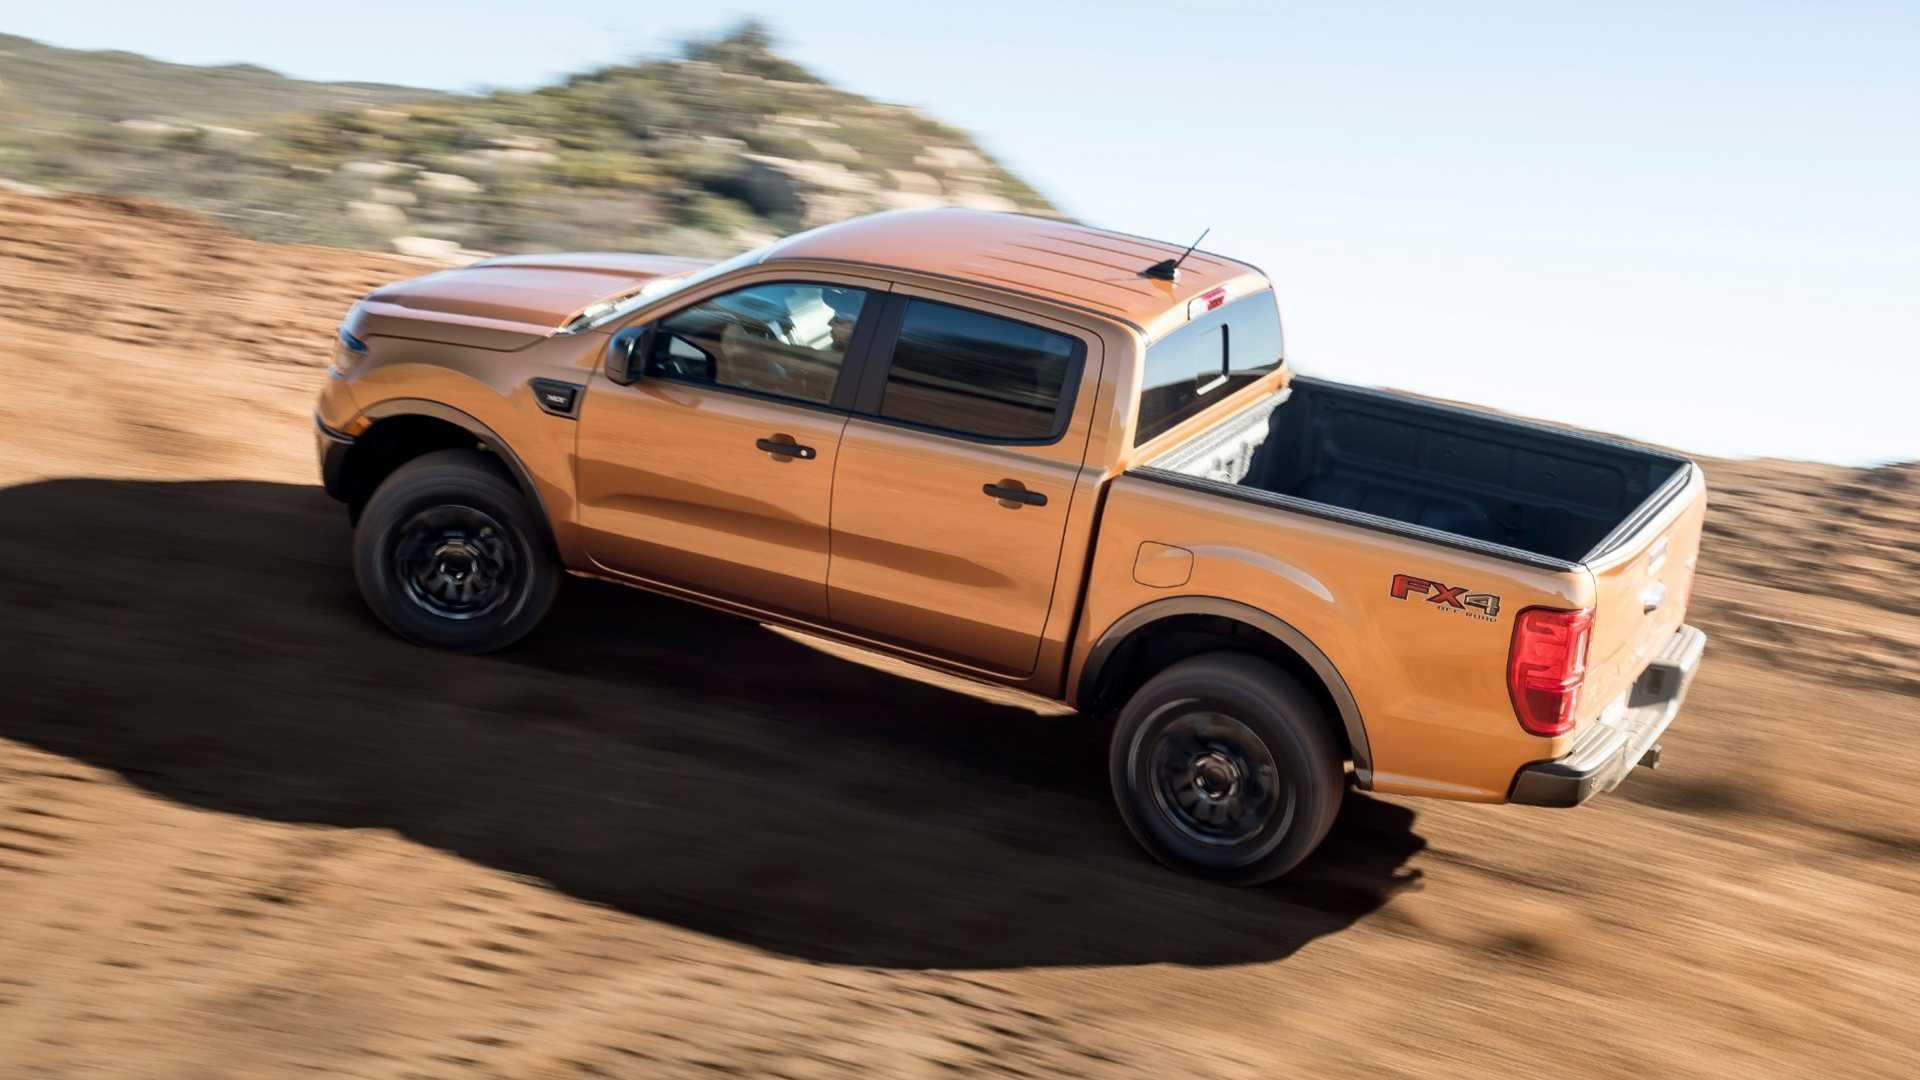 2019-ford-ranger-danh-gia-4.jpg